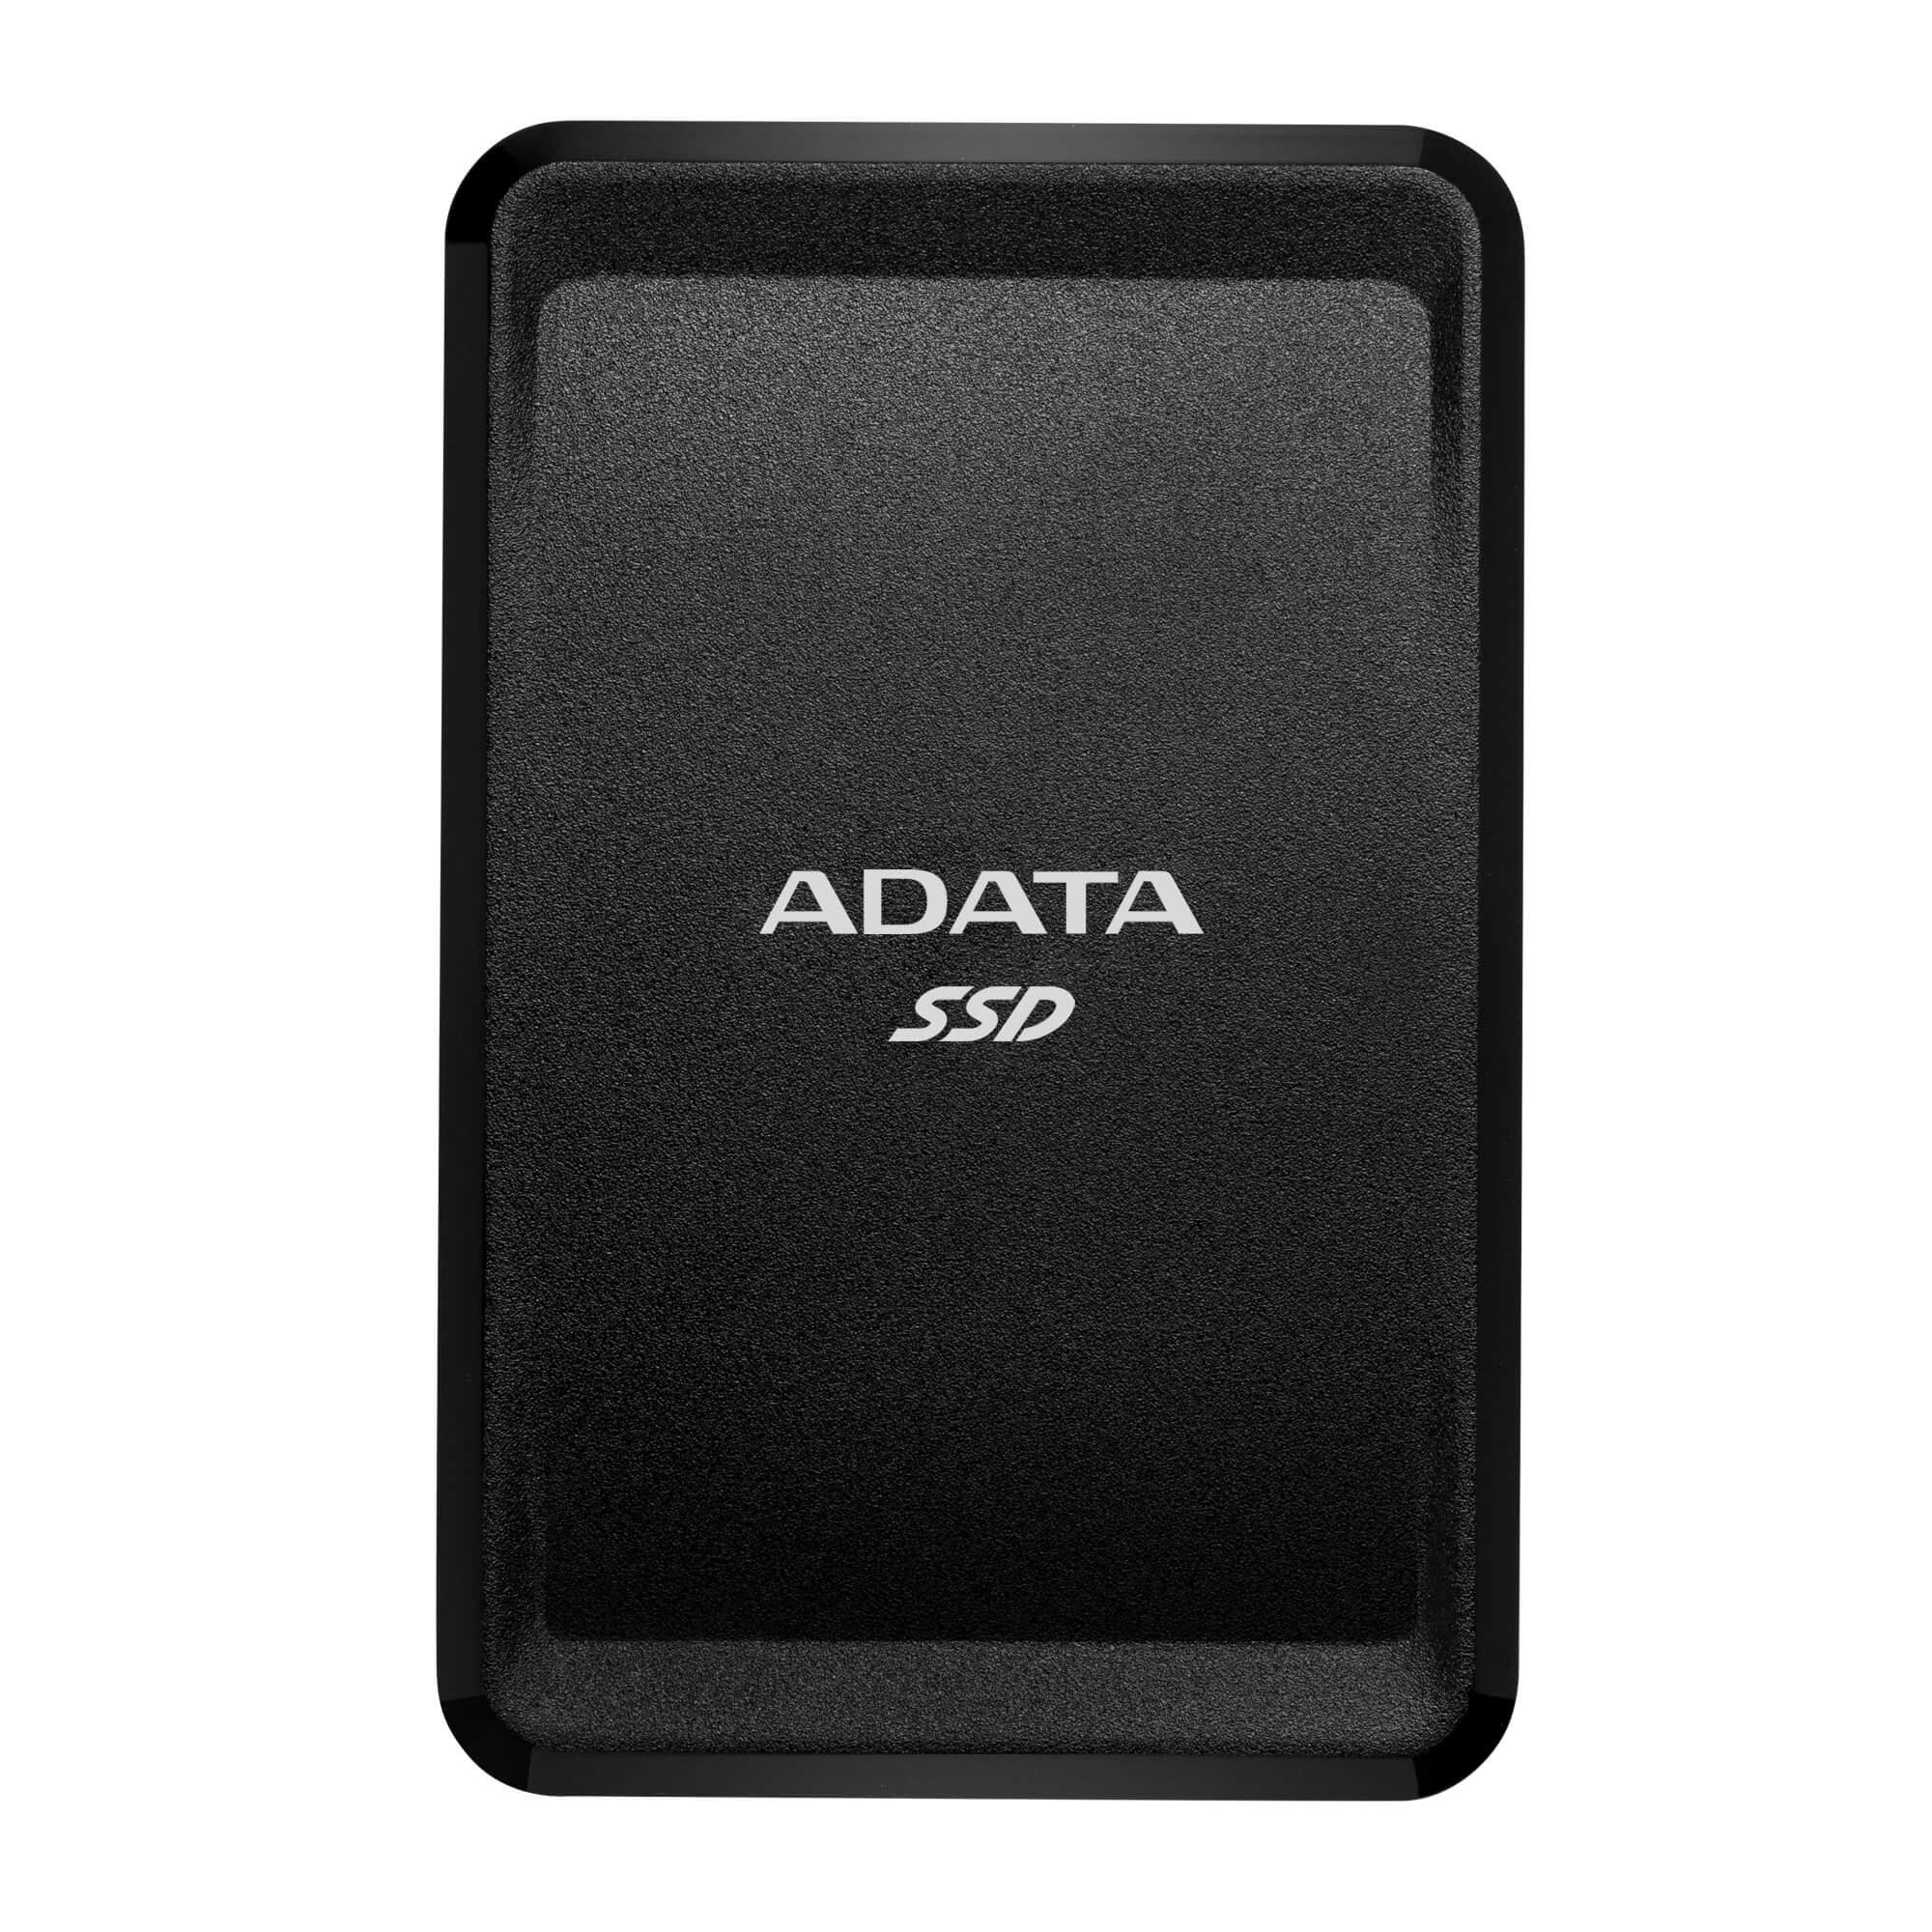 Внешний SSD накопитель ADATA SC685 2TB Black